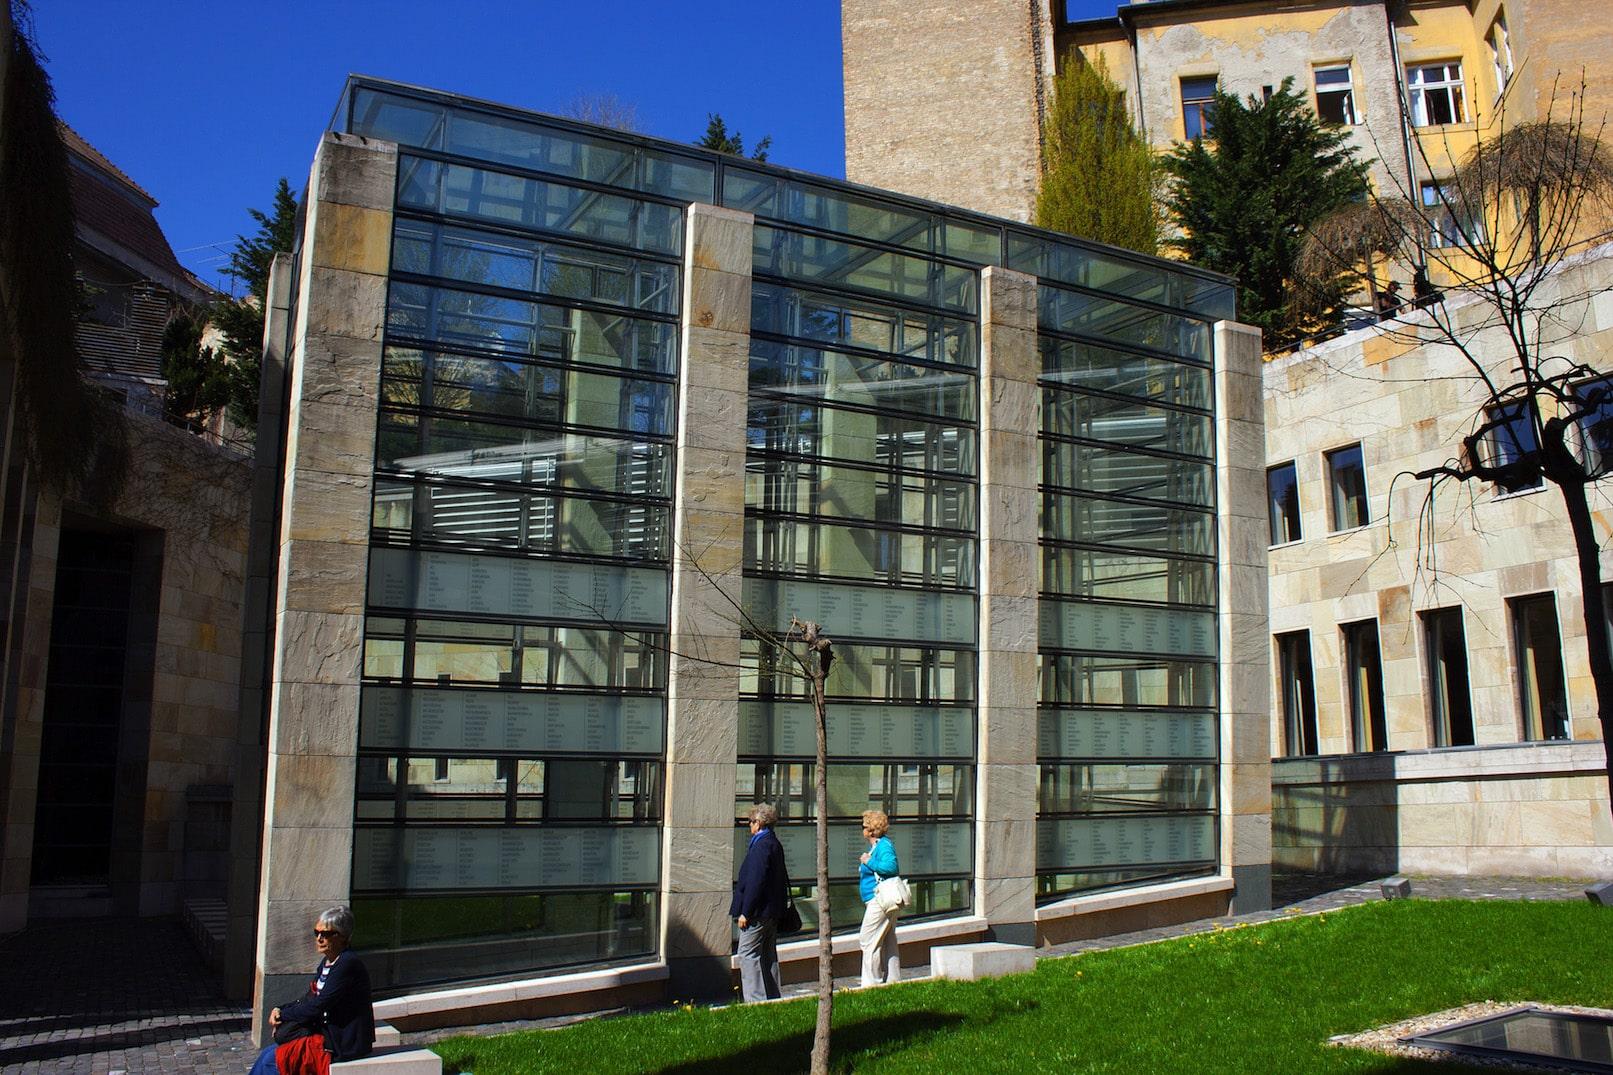 Budapests Museum Holocaust memorial